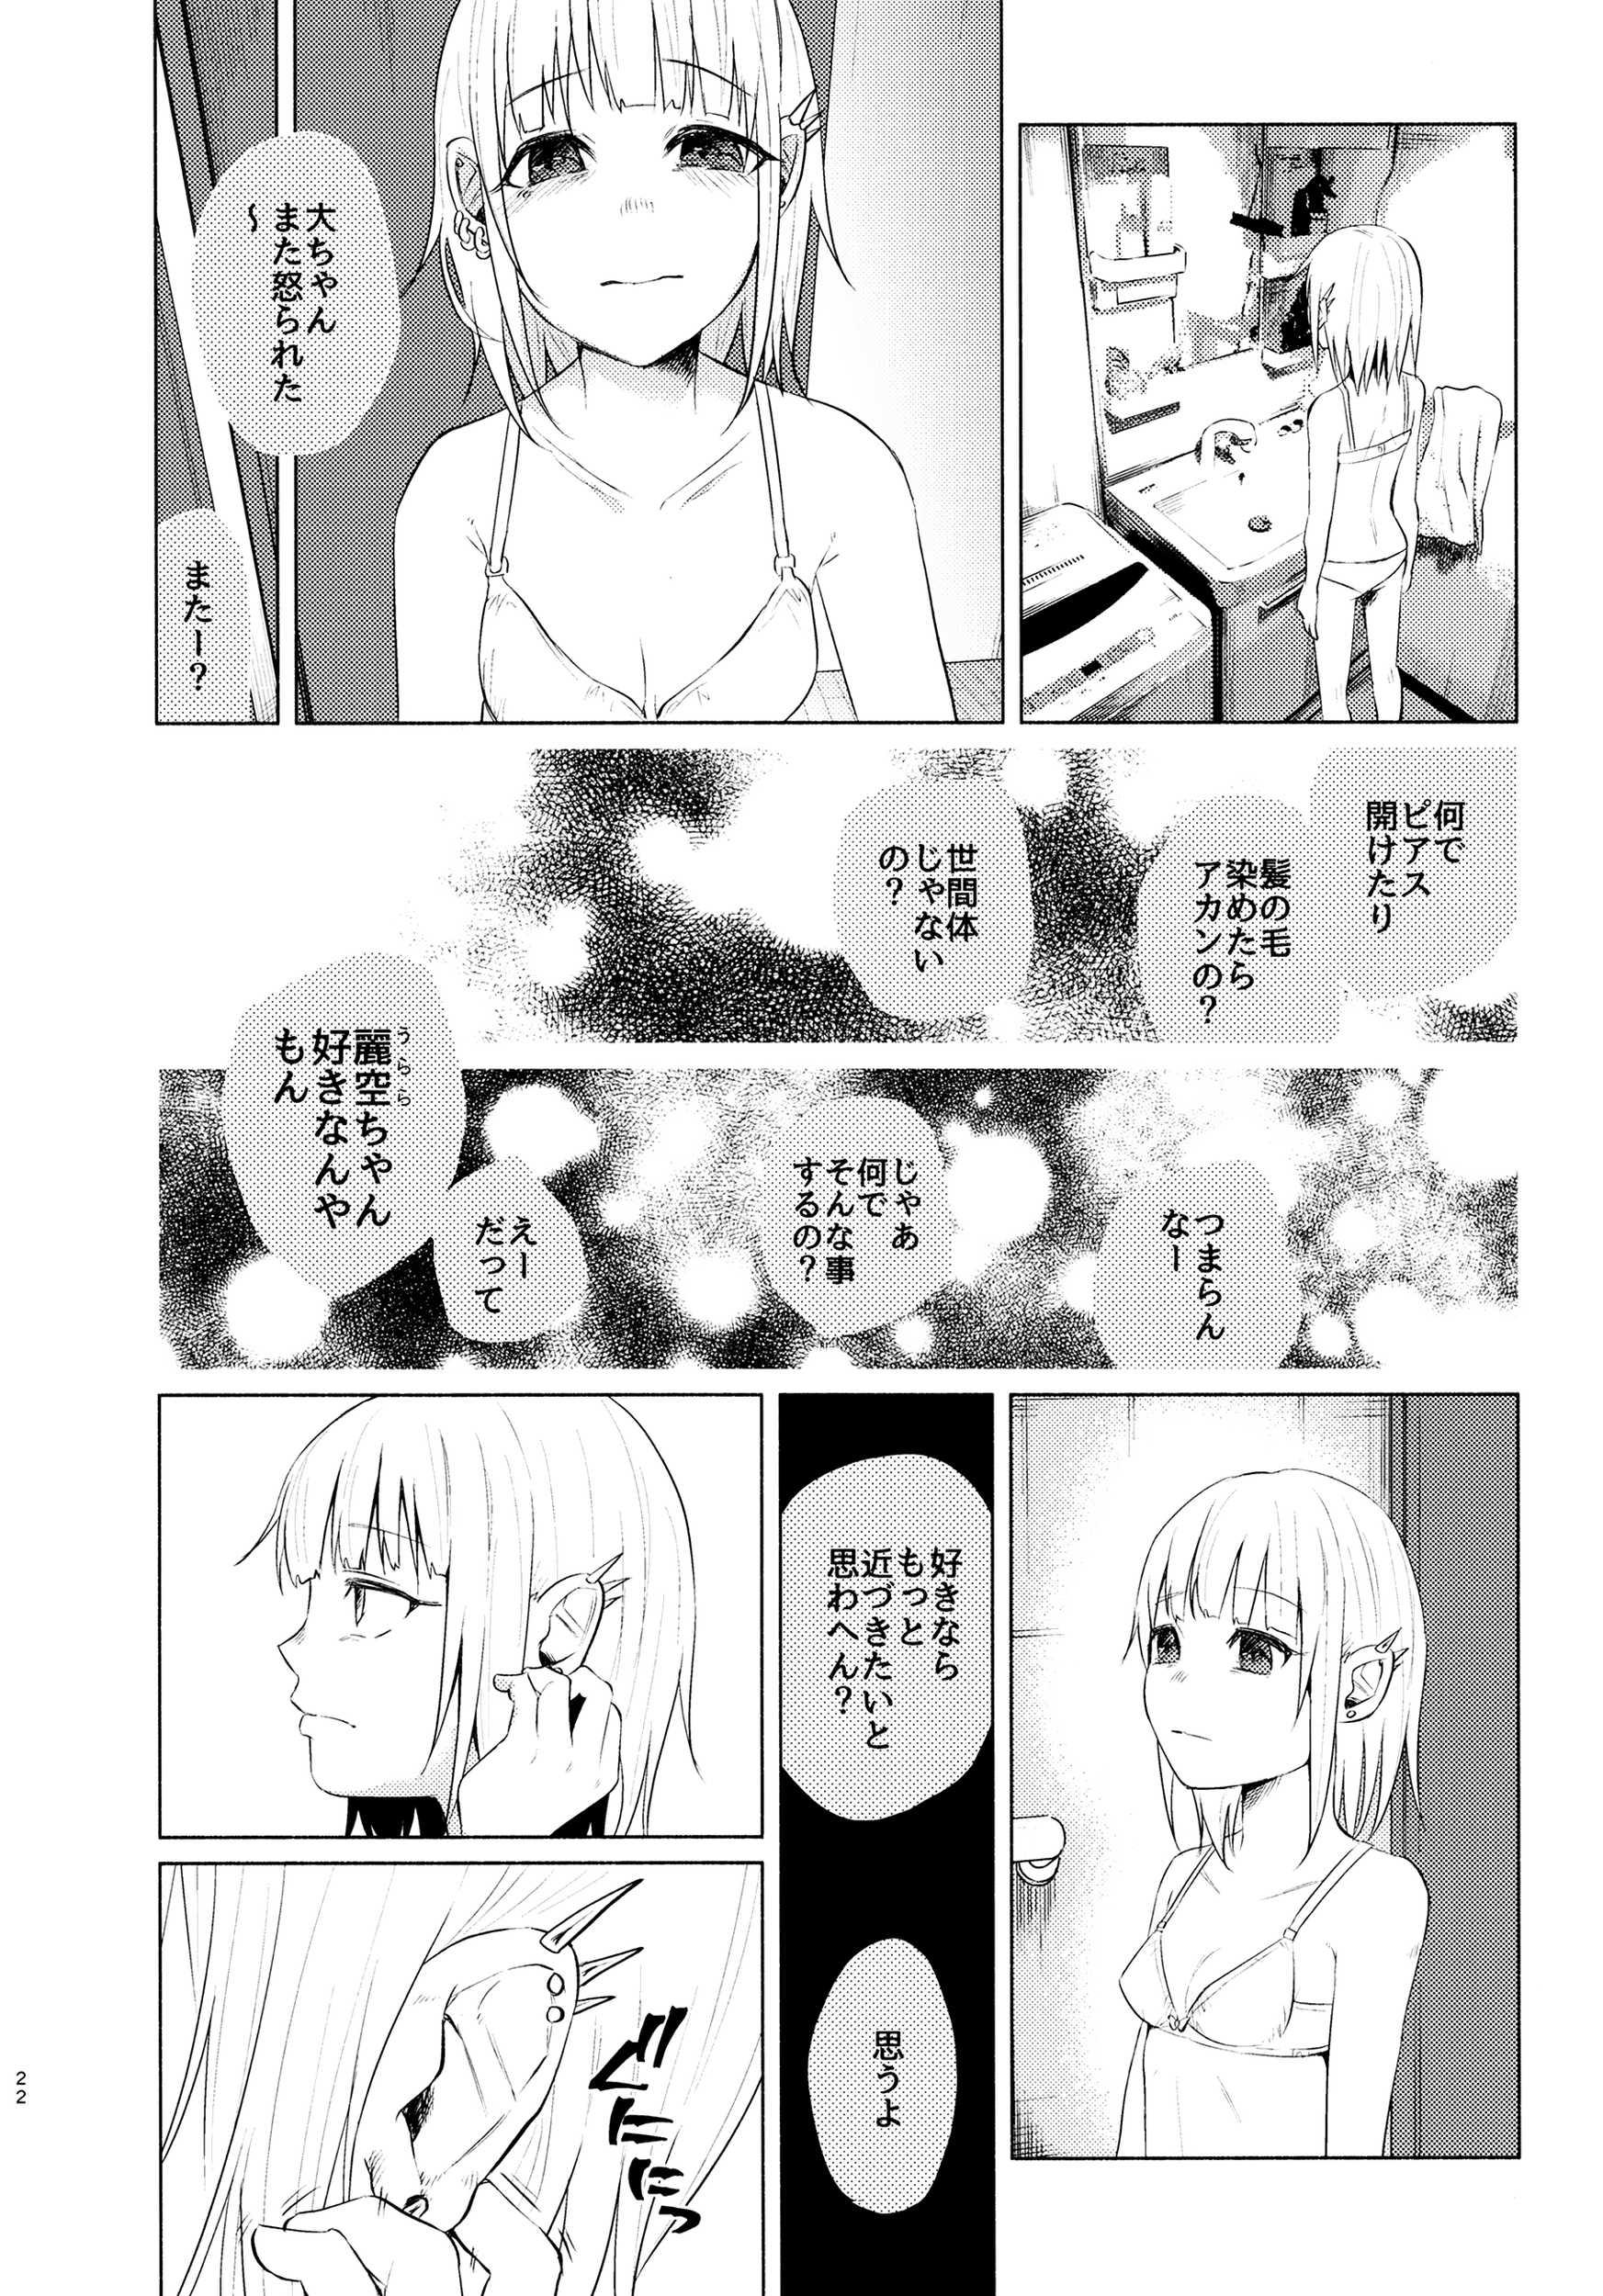 【エロ漫画】ウブな田舎娘に手を出したらヤンデレ化して逆レイプされるww【無料 エロ同人誌】 (21)